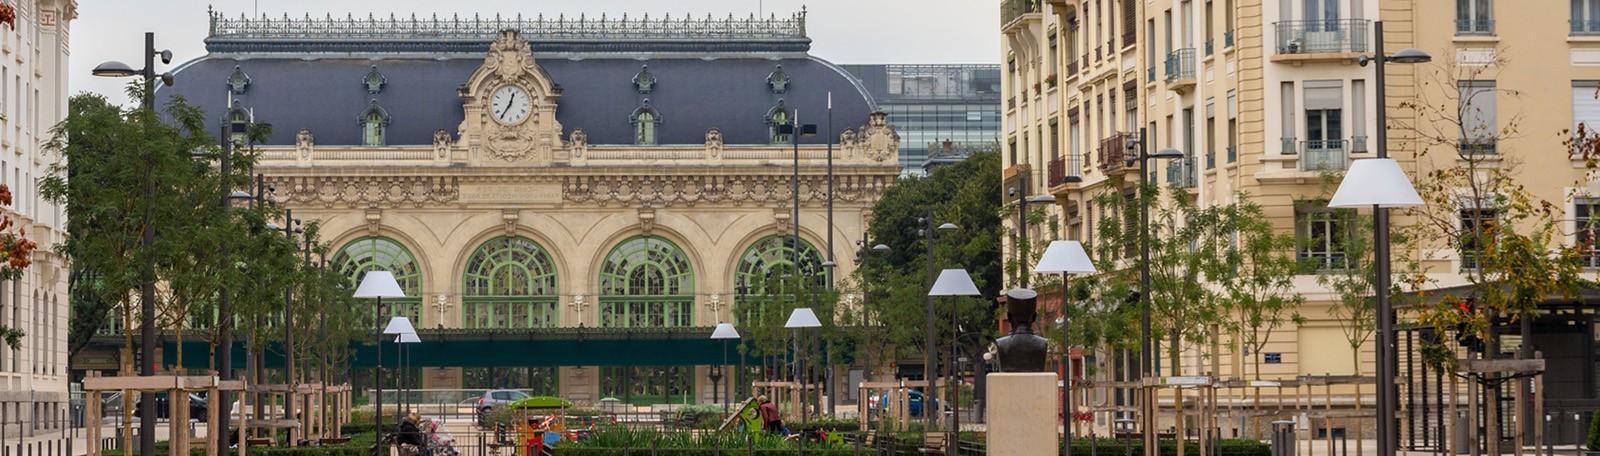 Car park Brotteaux - Park in Lyon | Q-Park